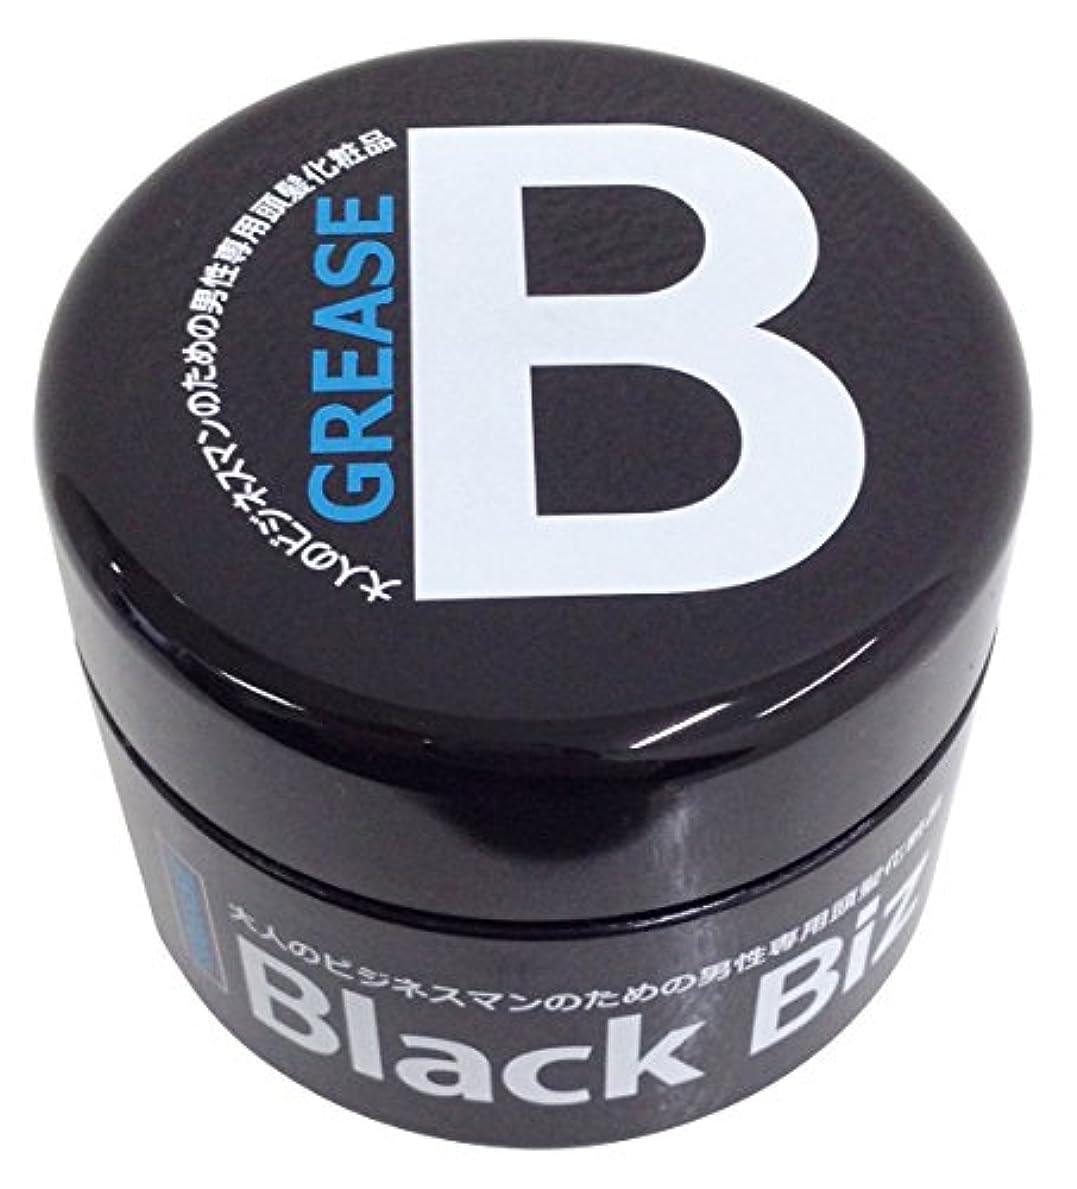 悩み季節誓約大人のビジネスマンのための男性専用頭髪化粧品 BlackBiz GREASE SOFT ブラックビズ グリース ソフト